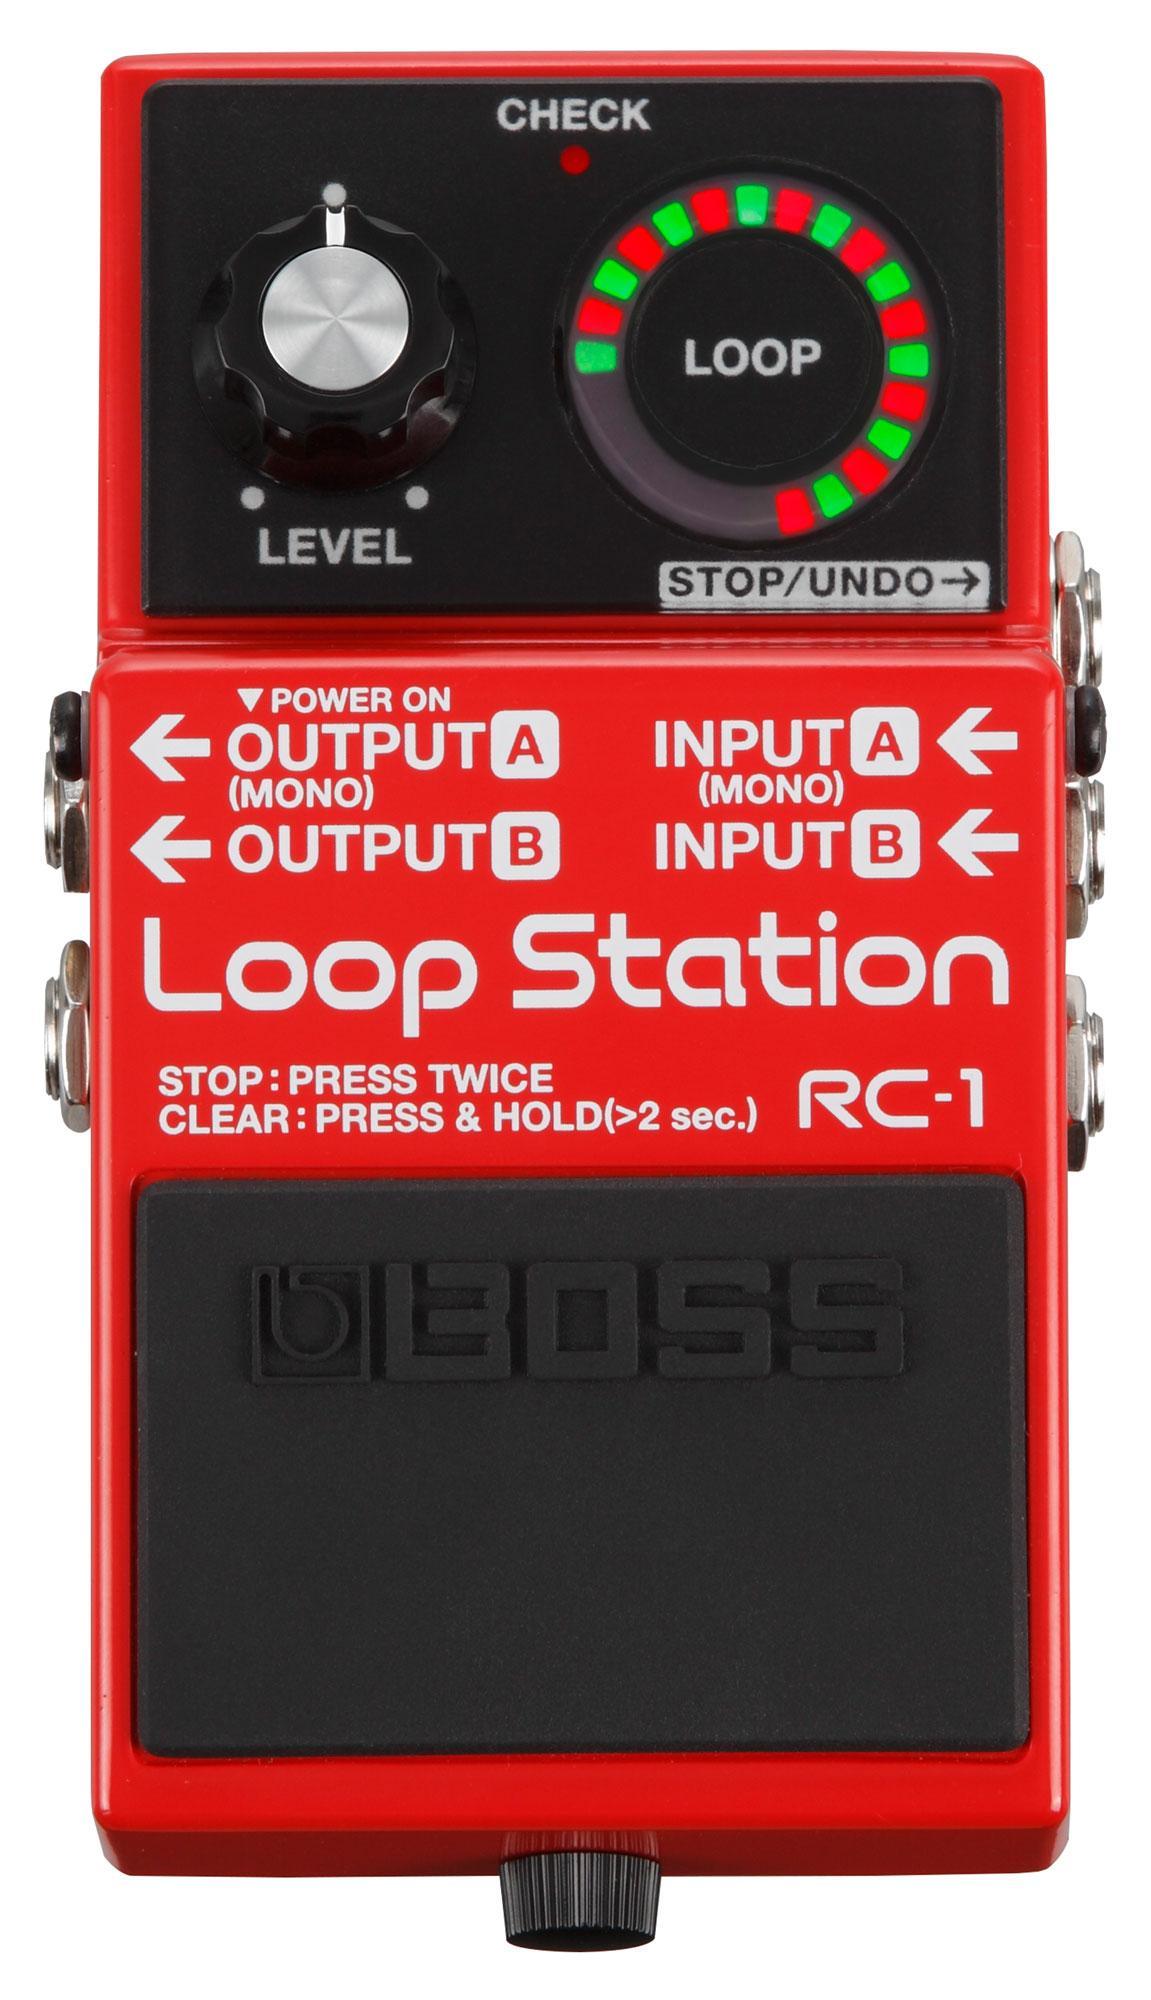 boss loop station rc 2 manual